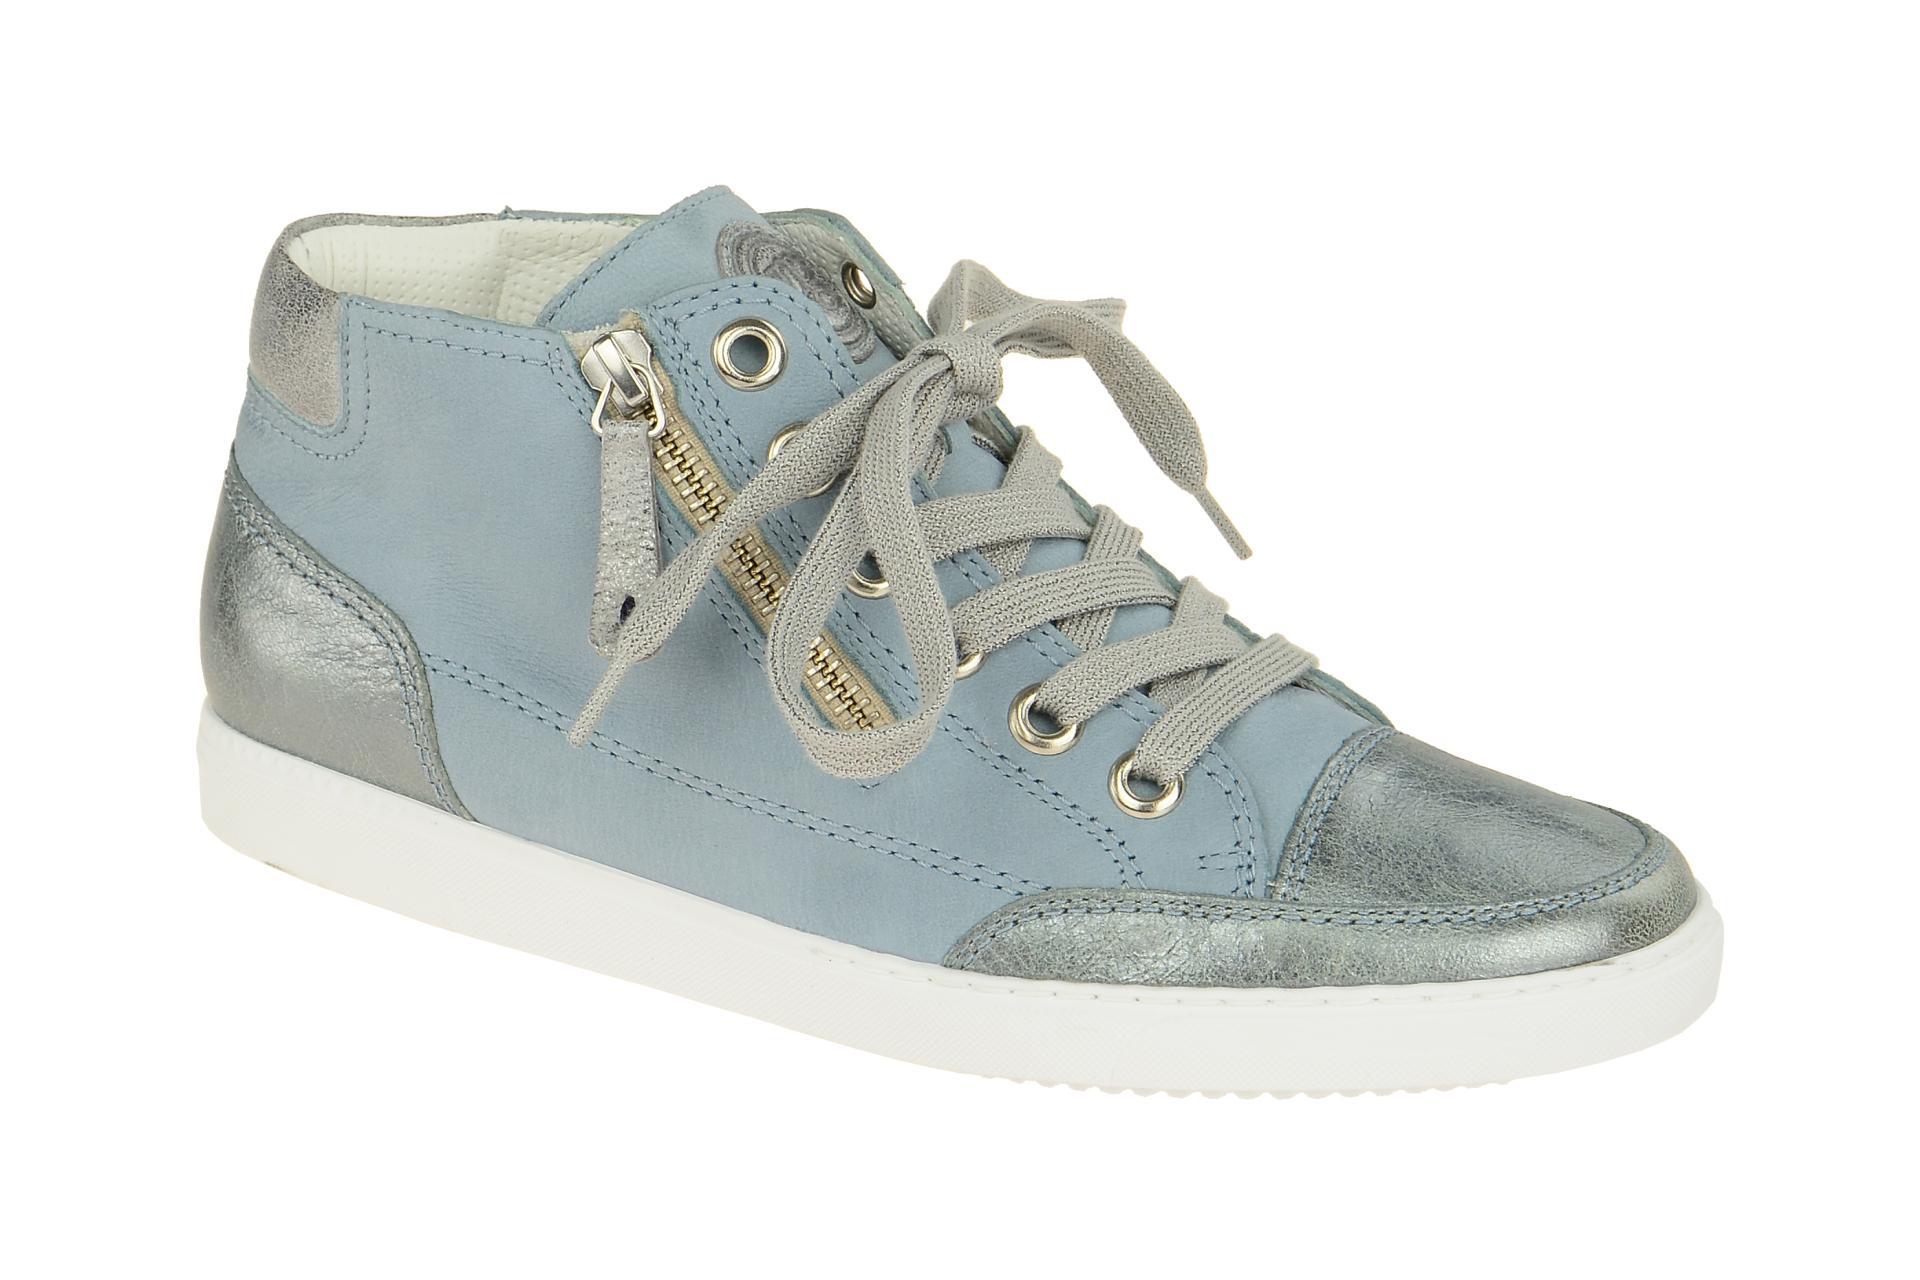 edfef123ac1998 Paul Green Sneaker Schuhe blau lago 4242 - Schuhhaus Strauch Shop